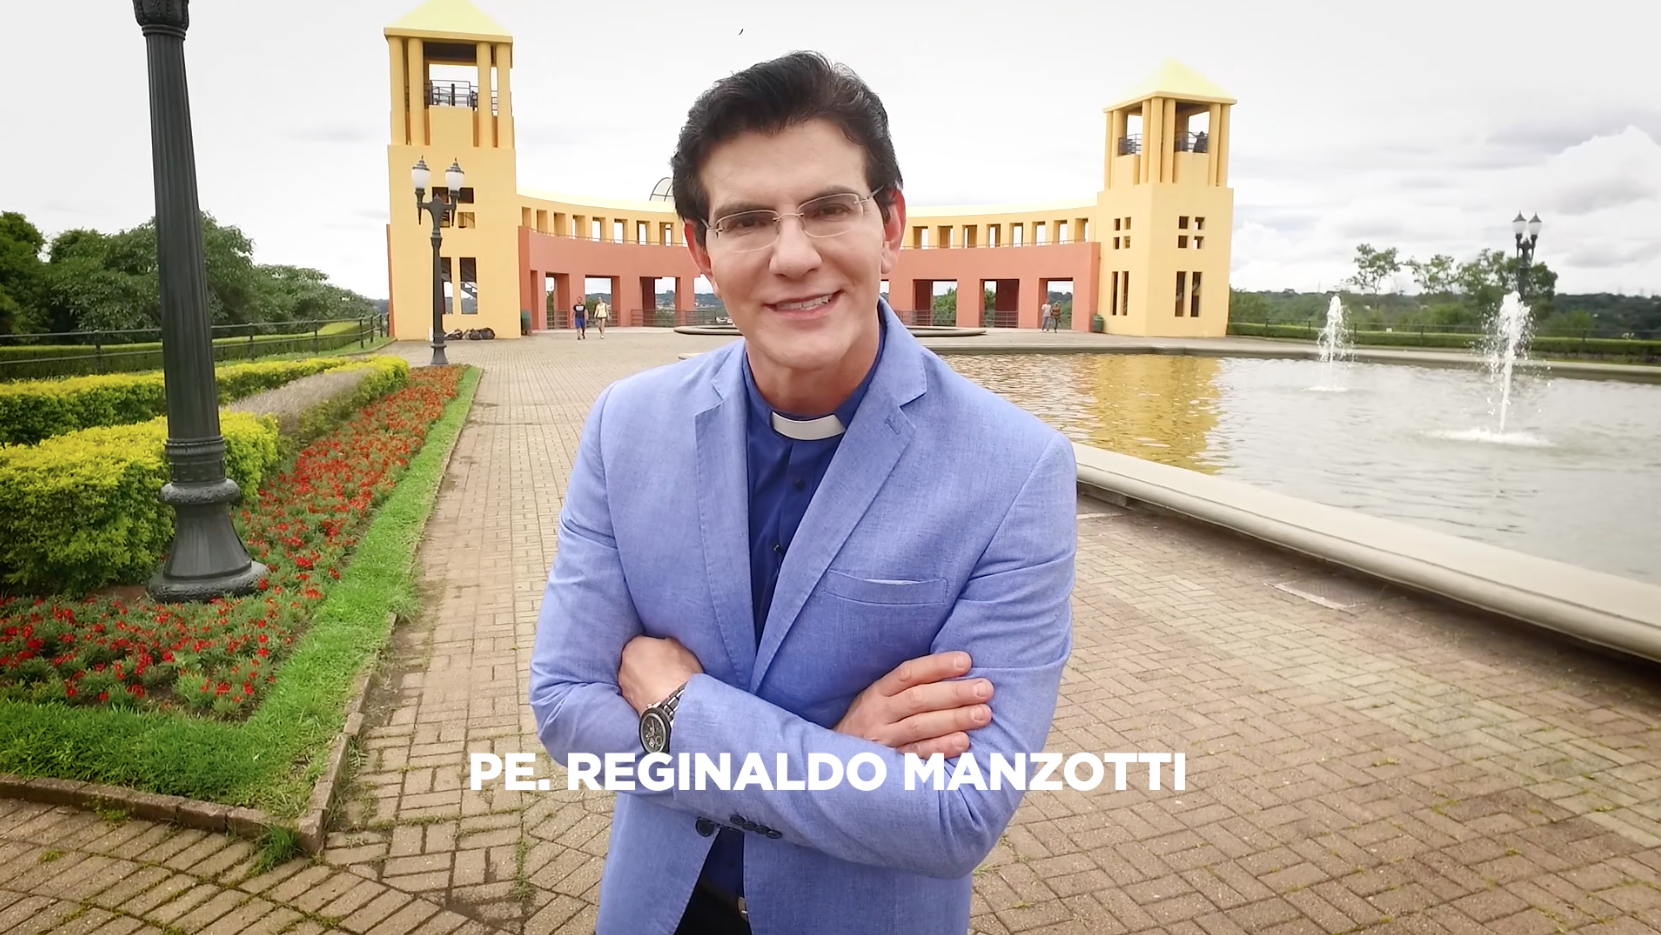 Padre Reginaldo Manzotti é acusado de engravidar jovem, diz colunista